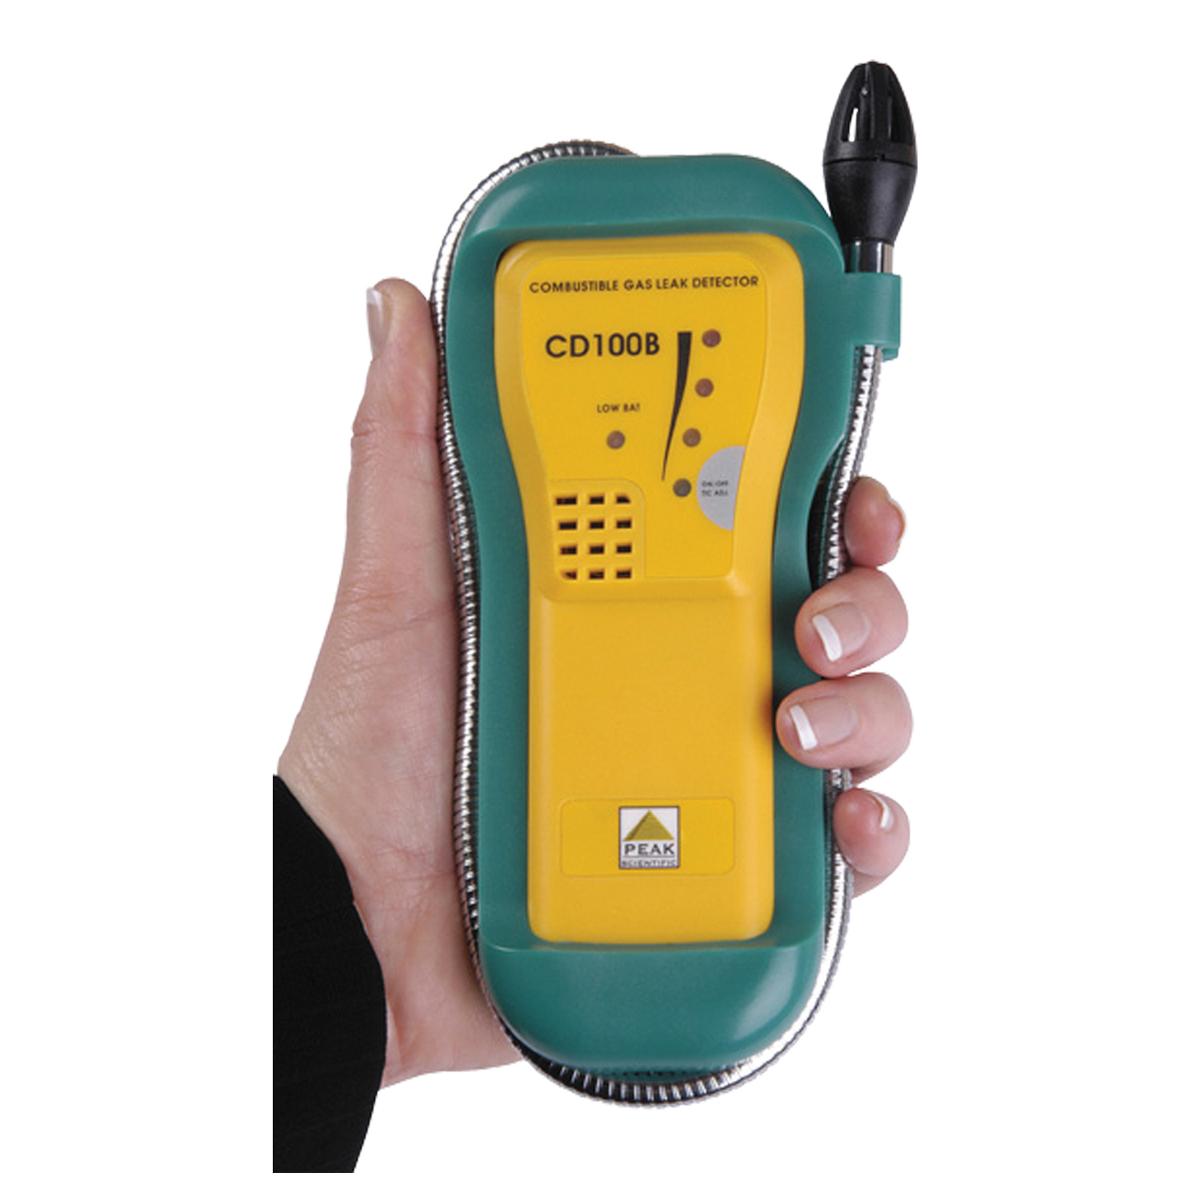 Kane-May CD100A เครื่องตรวจจับแก๊สในการเผาไหม้